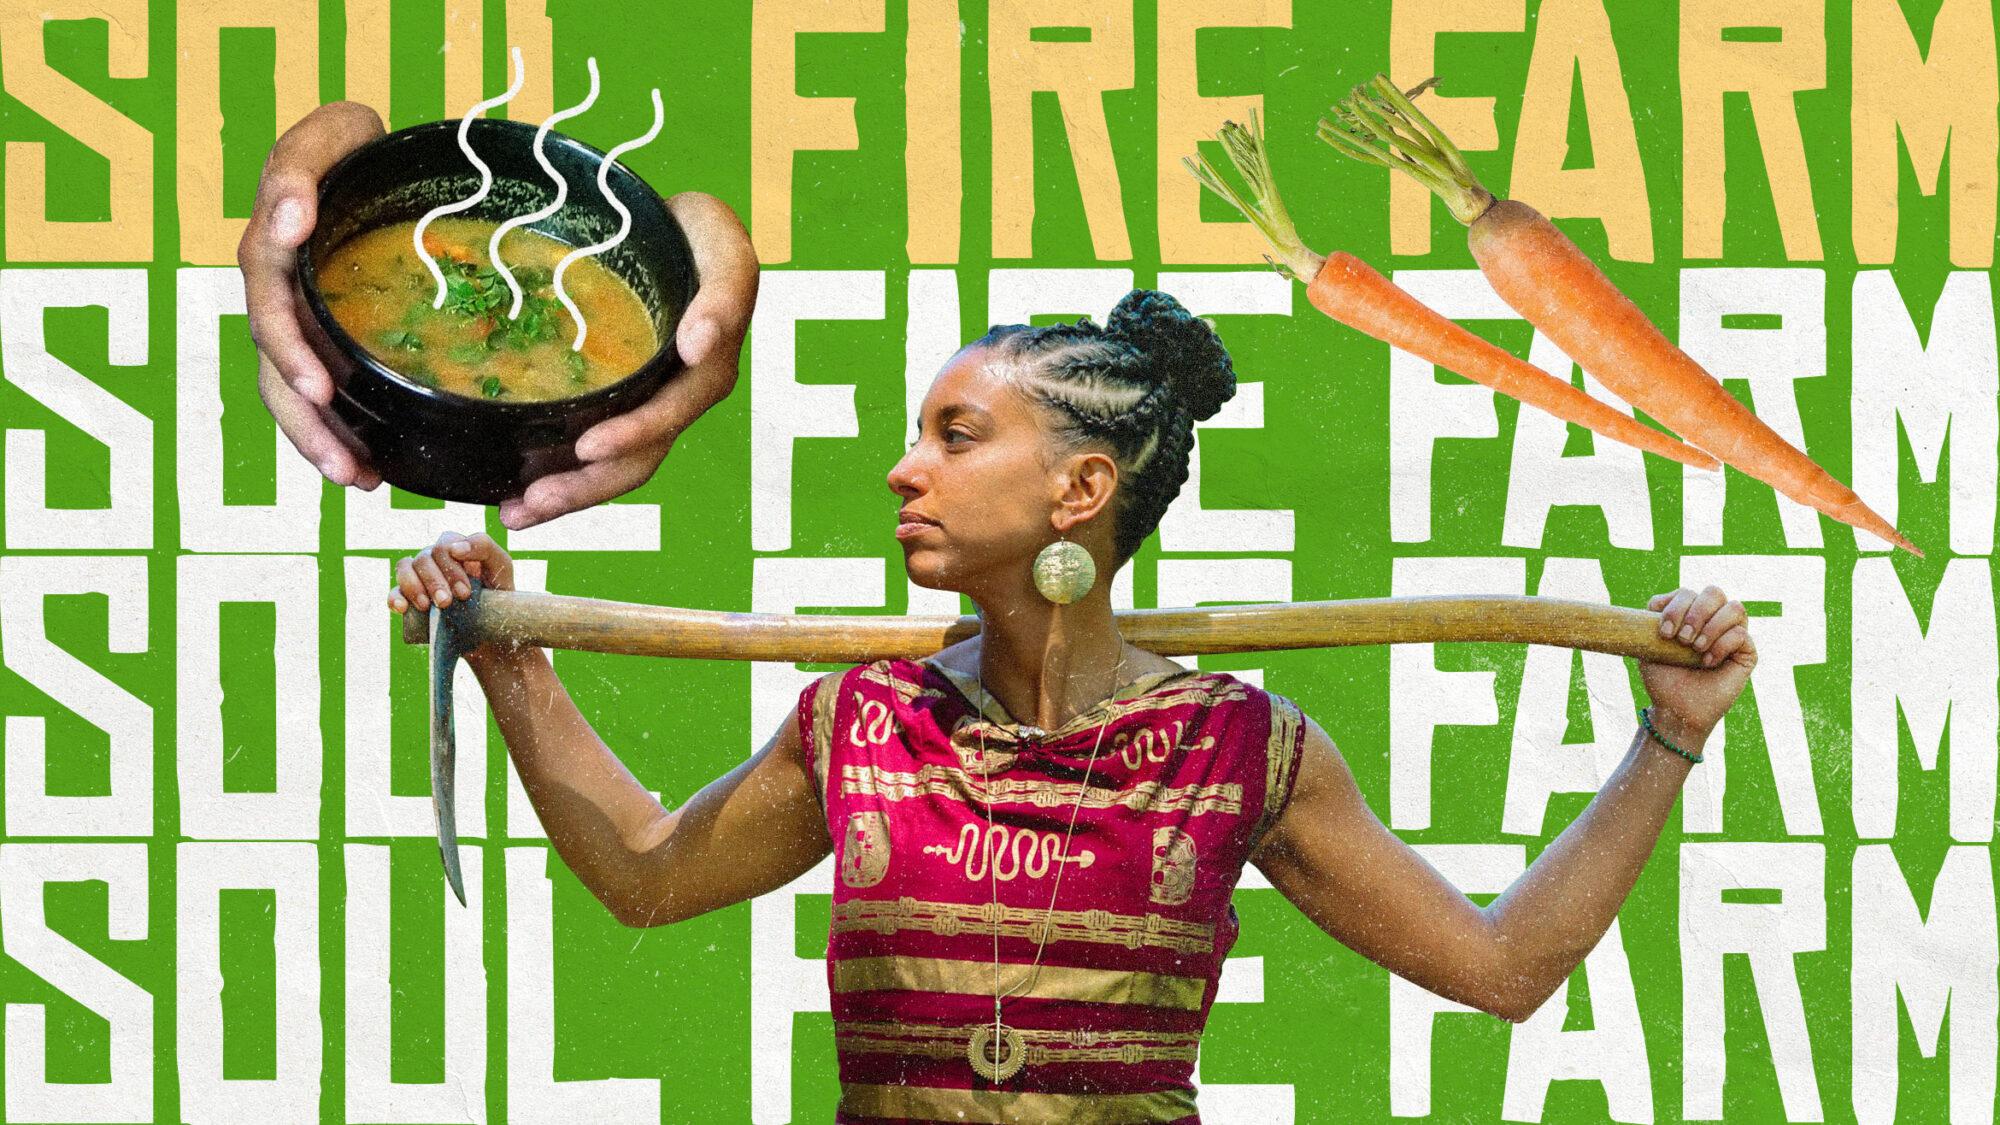 Article-Soul-Fire-Farm-Leah-Penniman